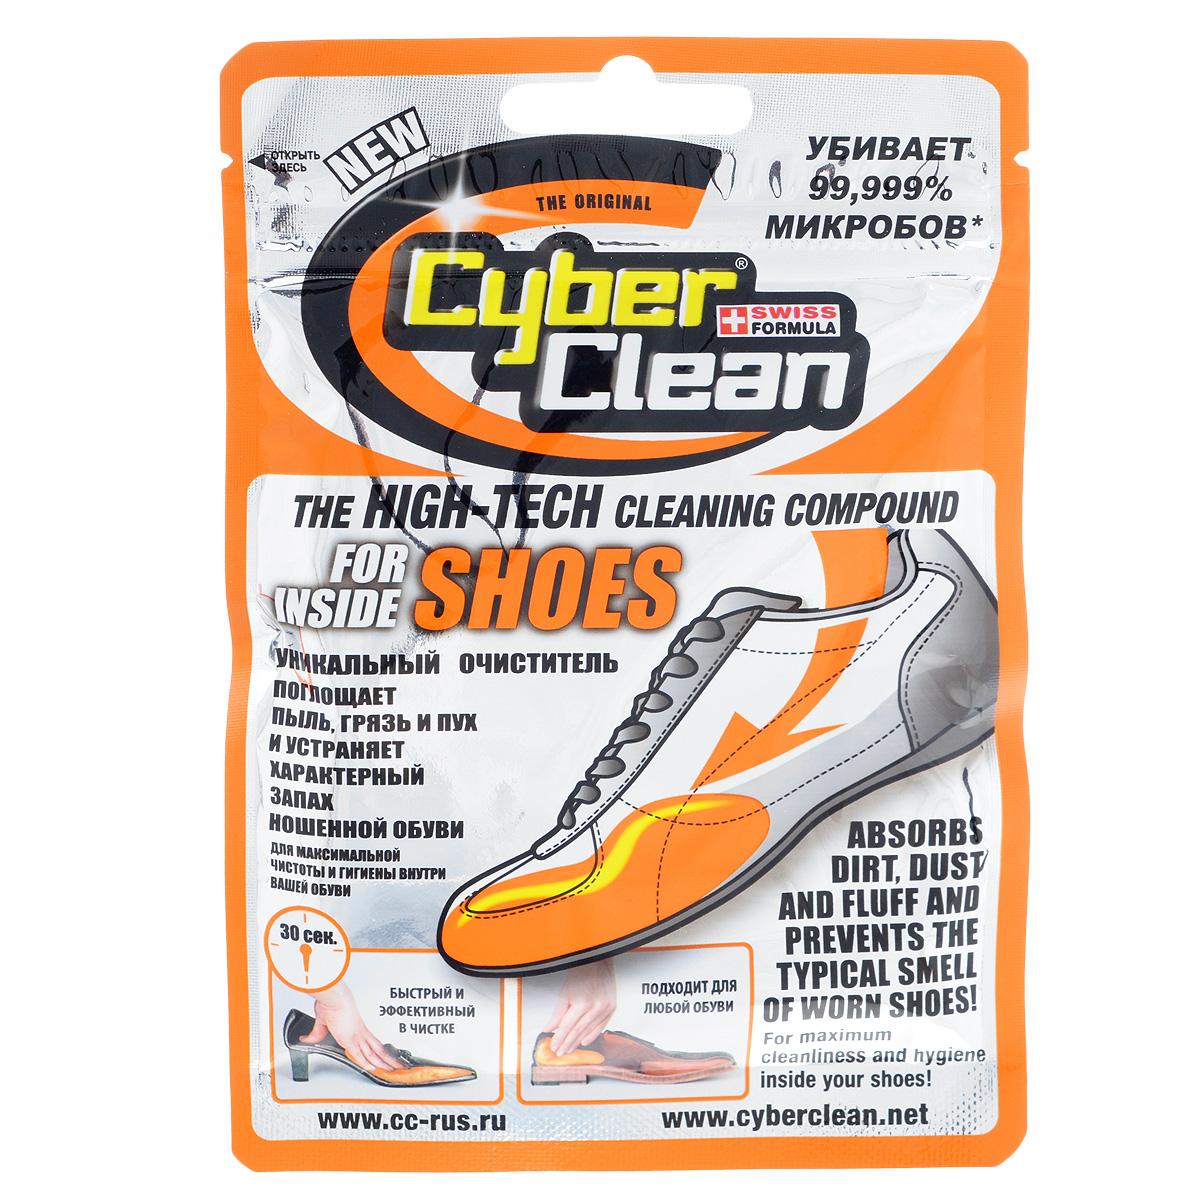 Гель-масса очищающая для обуви Cyber Clean, 80 гСС04Гель-масса очищающая для обуви Cyber Clean - это уникальный очиститель, который поглощает пыль, грязь и пух; предотвращает неприятный запах обуви. Протестирован и доказан профилактический эффект против пота, грибка и других заболеваний ног. Убивает 99,9% бактерий. Не оставляет следов. Гарантирует гигиену, комфорт и дарит приятные ощущения в любой обуви. Подходит для любой обуви: сапоги, ботинки, туфли, кроссовки и т.д. Состав: бензалкония хлорид, имидазолидинилмочевина, борная кислота, метилпарабен, пропилпарабен, ароматизатор, гуар.